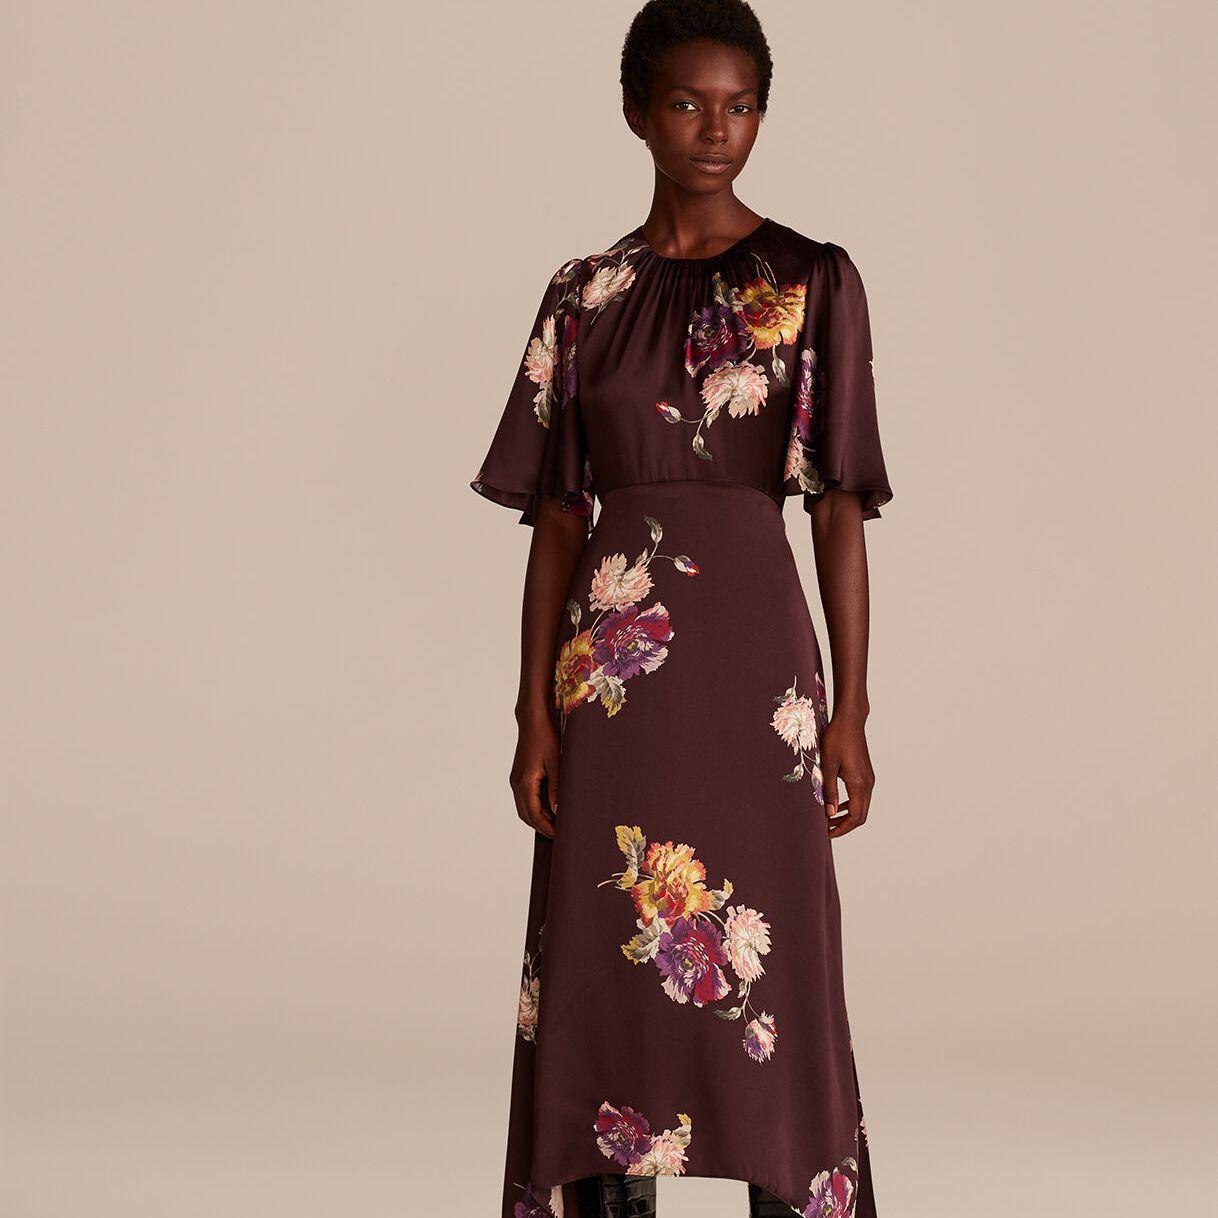 Rebecca Taylor Simone Fleur Dress, $495